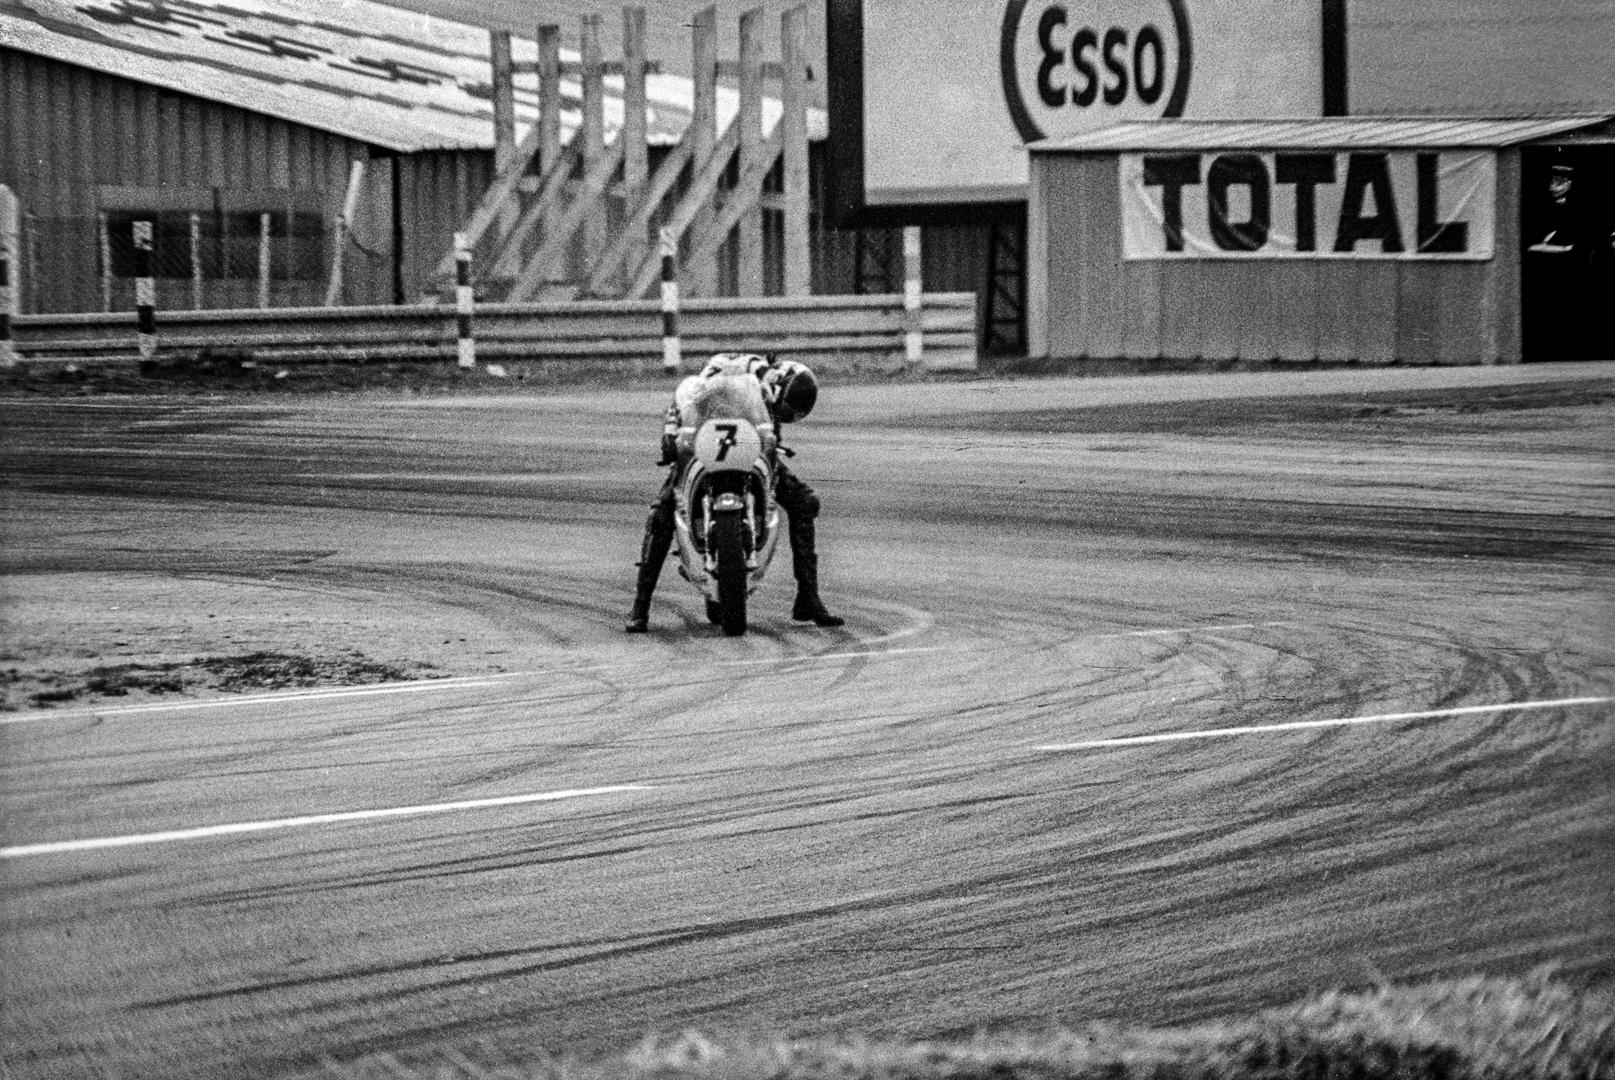 Barry Sheene, 500 cc Suzuki. Grand Prix moto de France 1976, 25 avril 1976, circuit Bugatti, Le Mans.